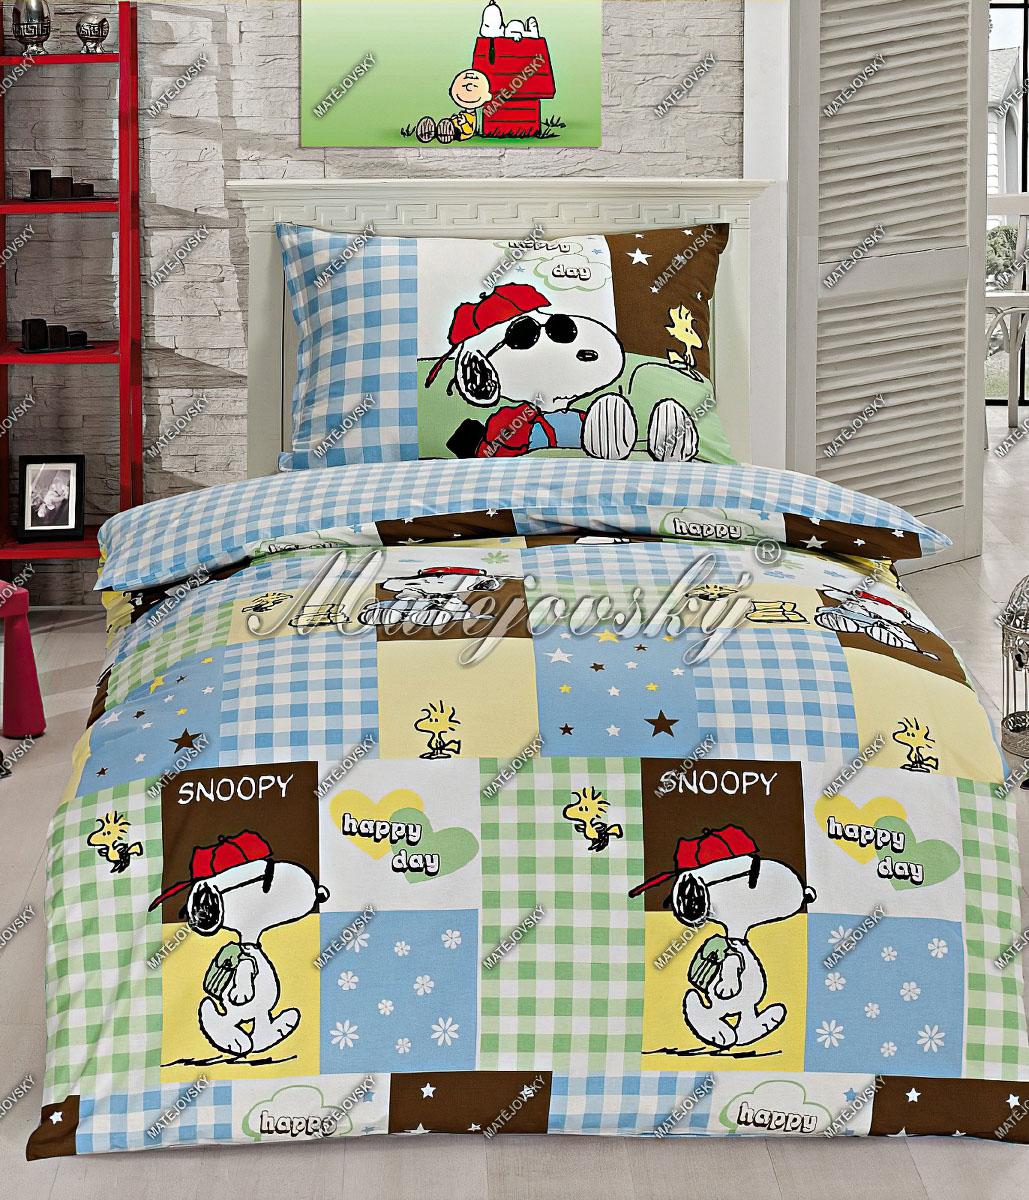 Dětské povlečení SNOOPY HAPPY DAY bavlna hladká, 140x200cm